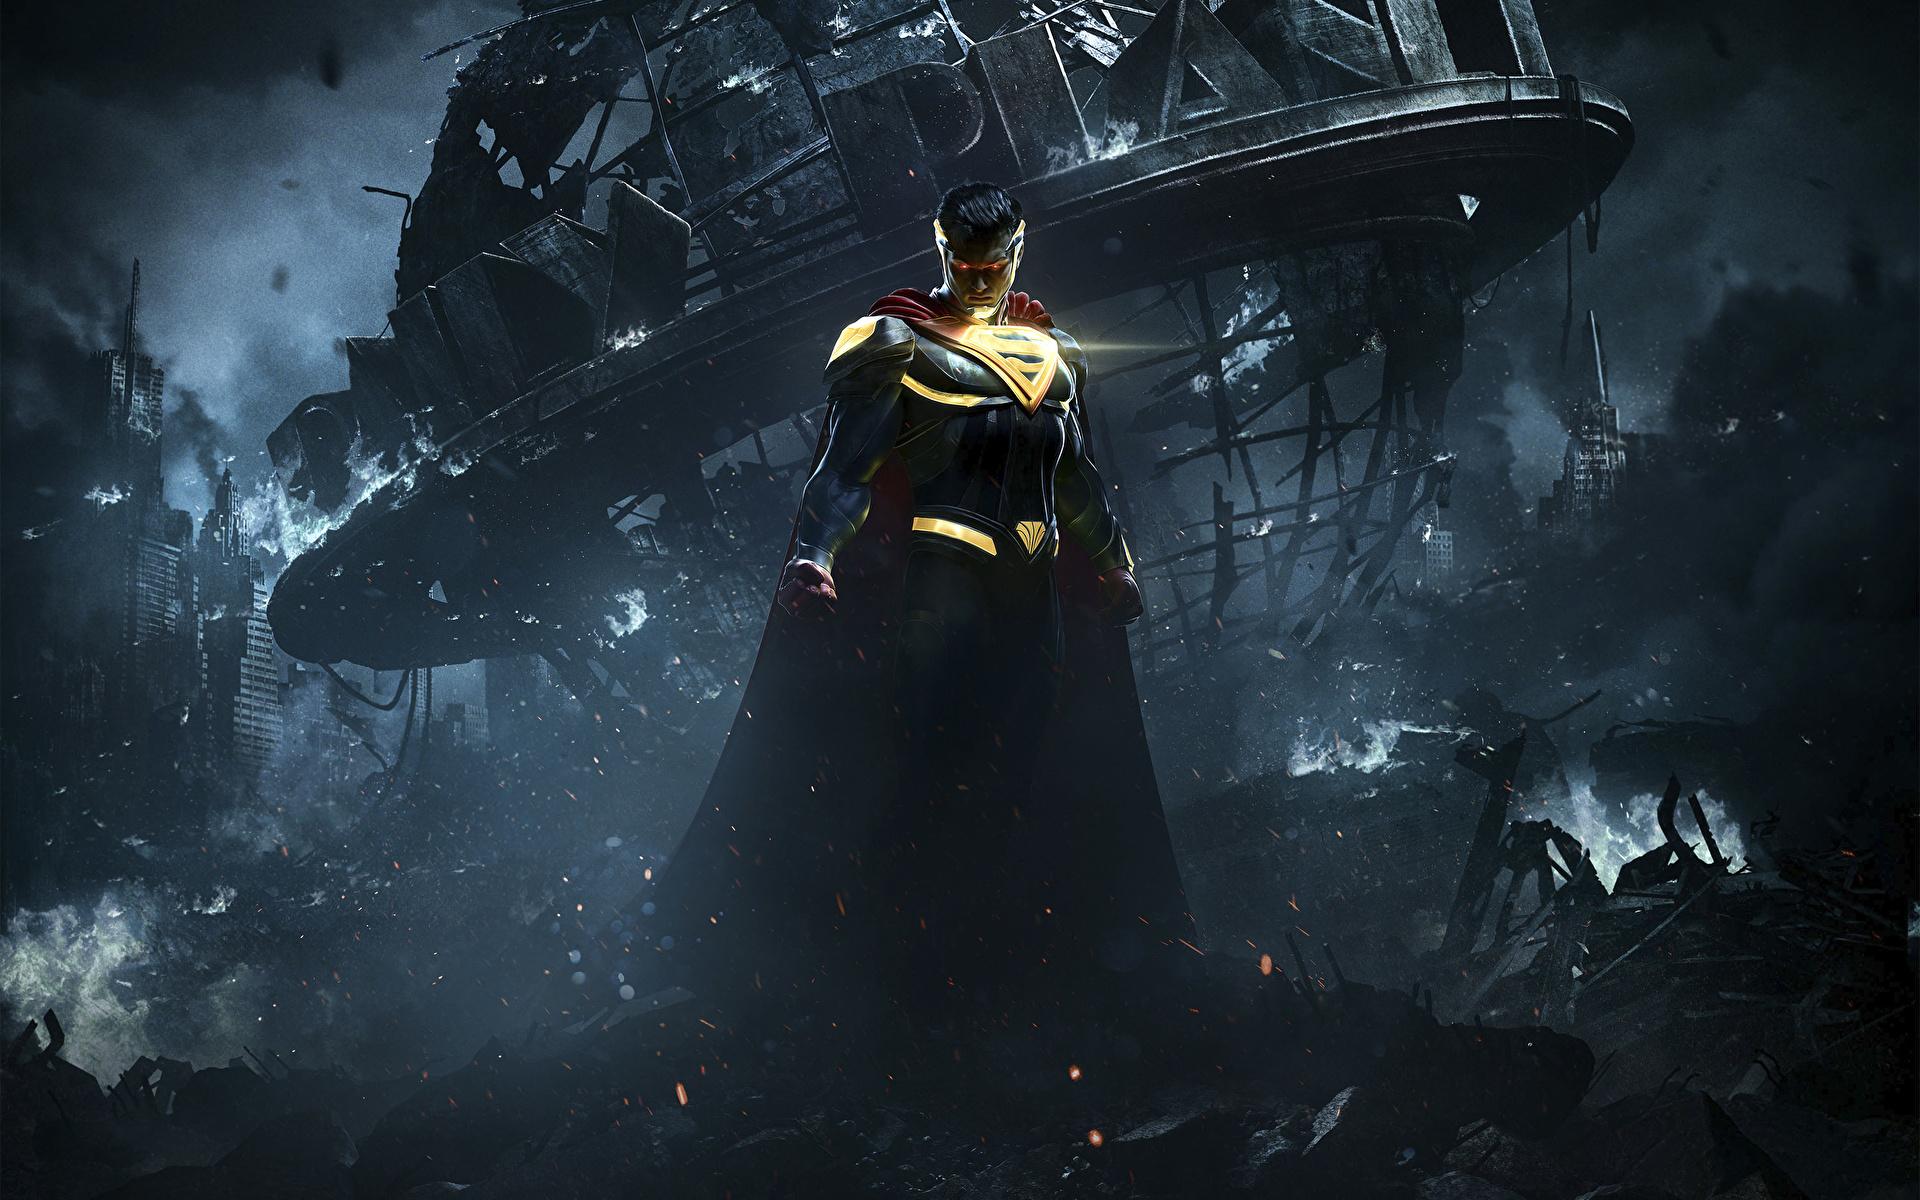 1920x1200 Héros de bande dessinée Superman Héros Injustice 2 Nuit jeu vidéo, super héros Jeux